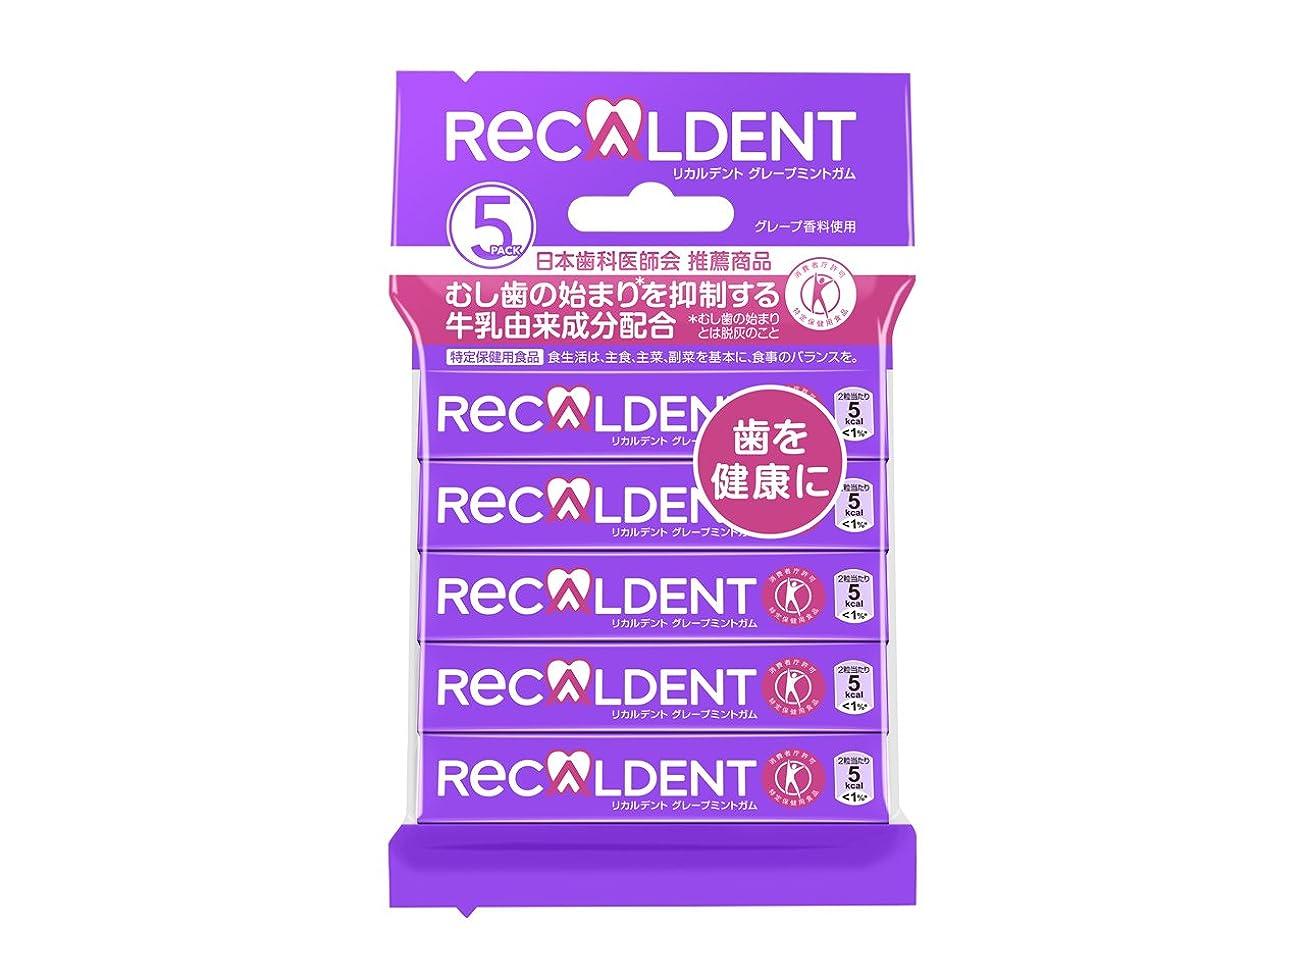 パス花瓶レシピ【トクホ】モンデリーズ?ジャパン リカルデントグレープミントガム 14粒×5本